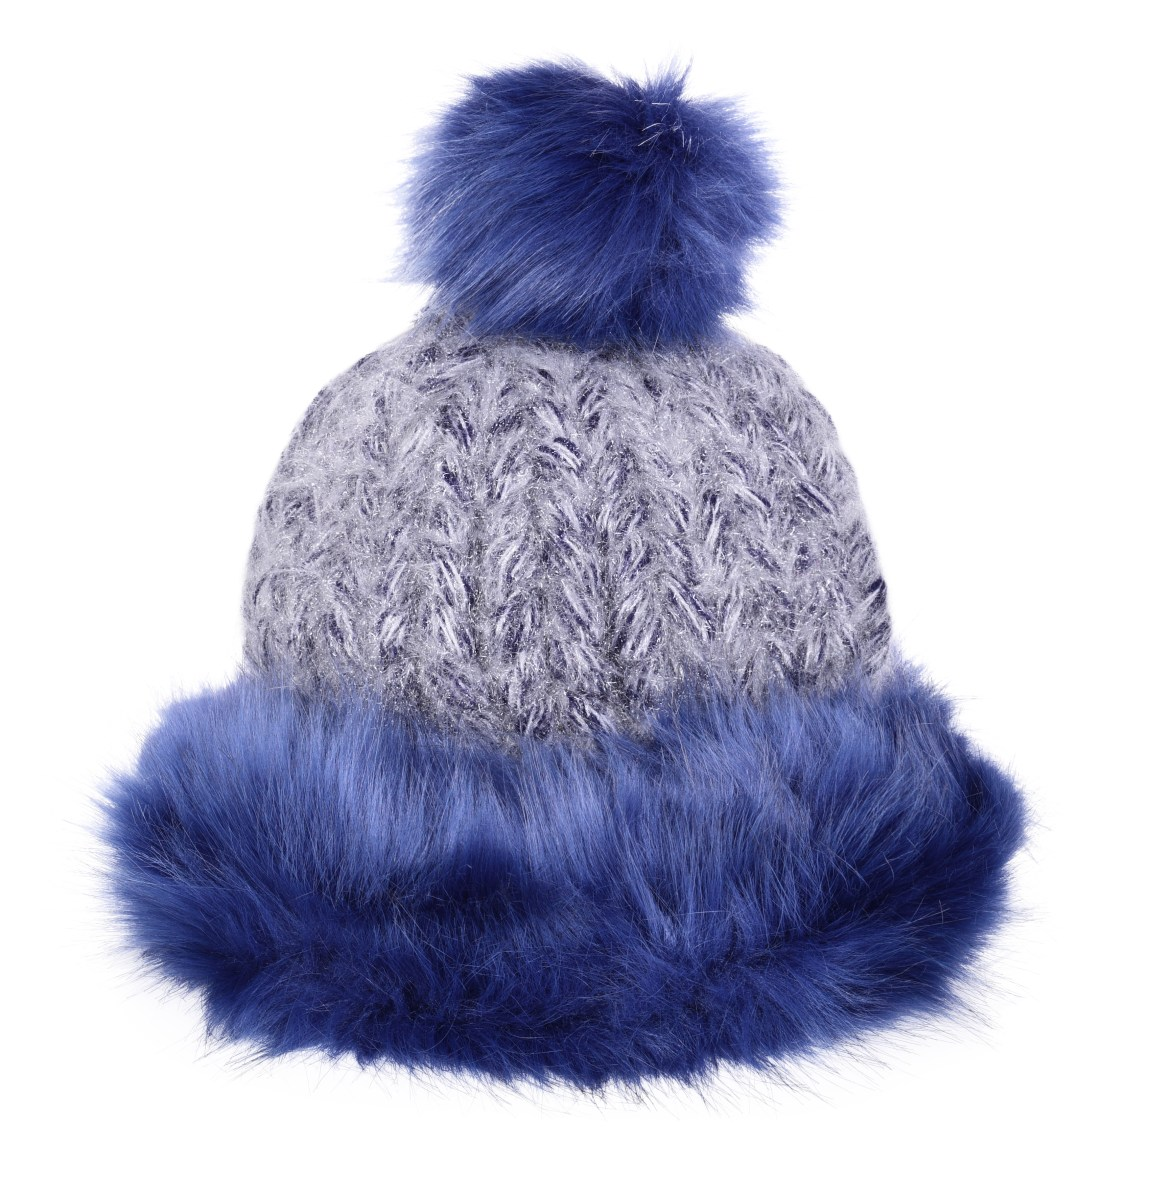 Ručně pletená čepice POLARIS frozen blue&grey